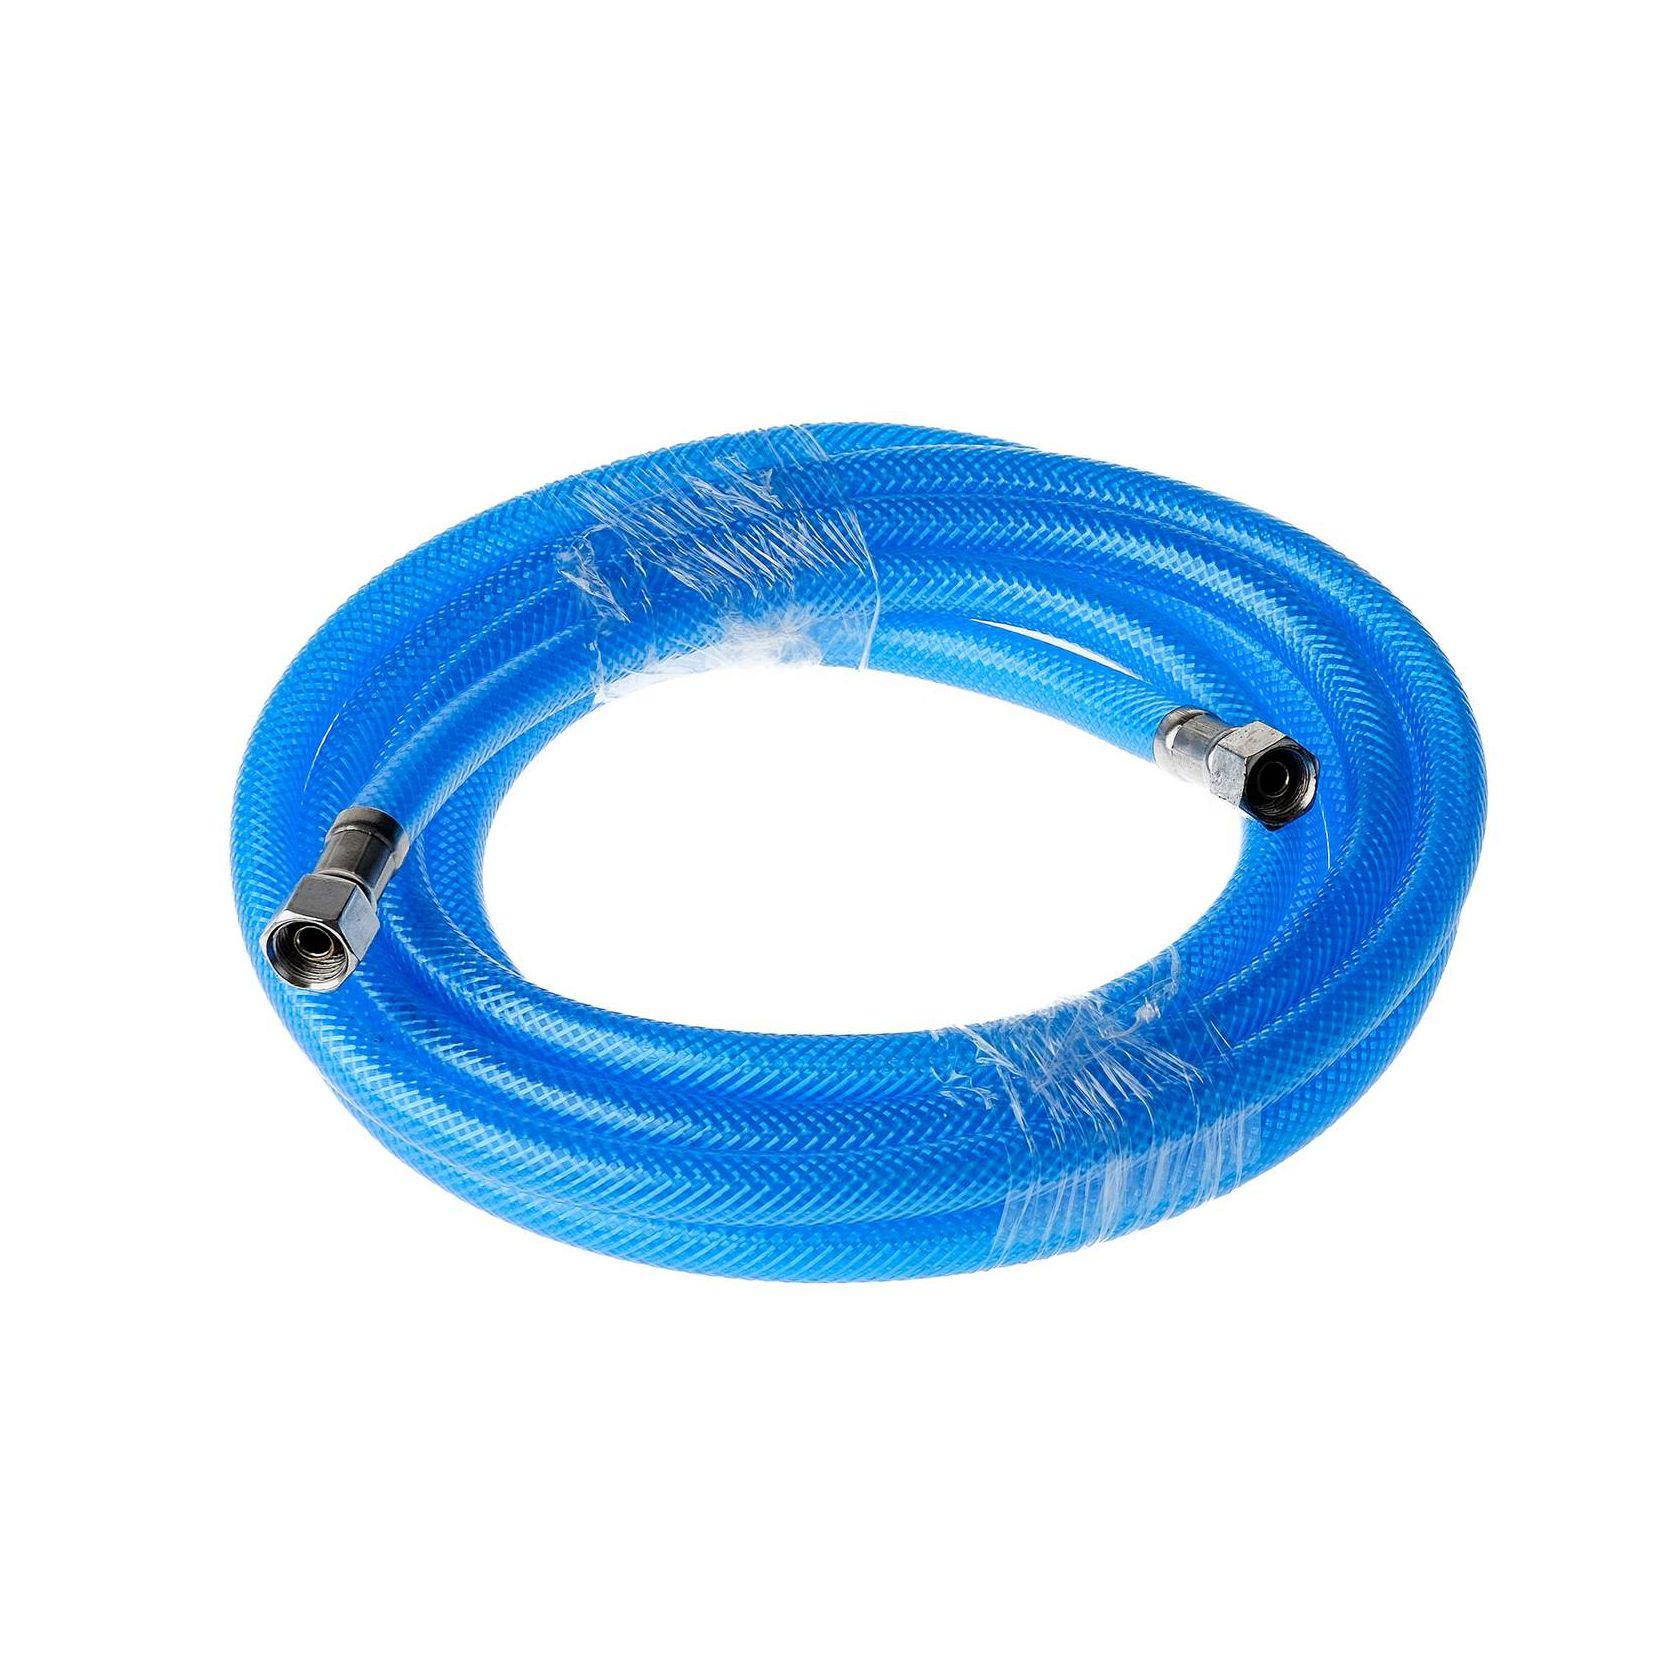 Agregat malarski- zbiornik lakierniczy ciśnieniowy 8l GEKO6